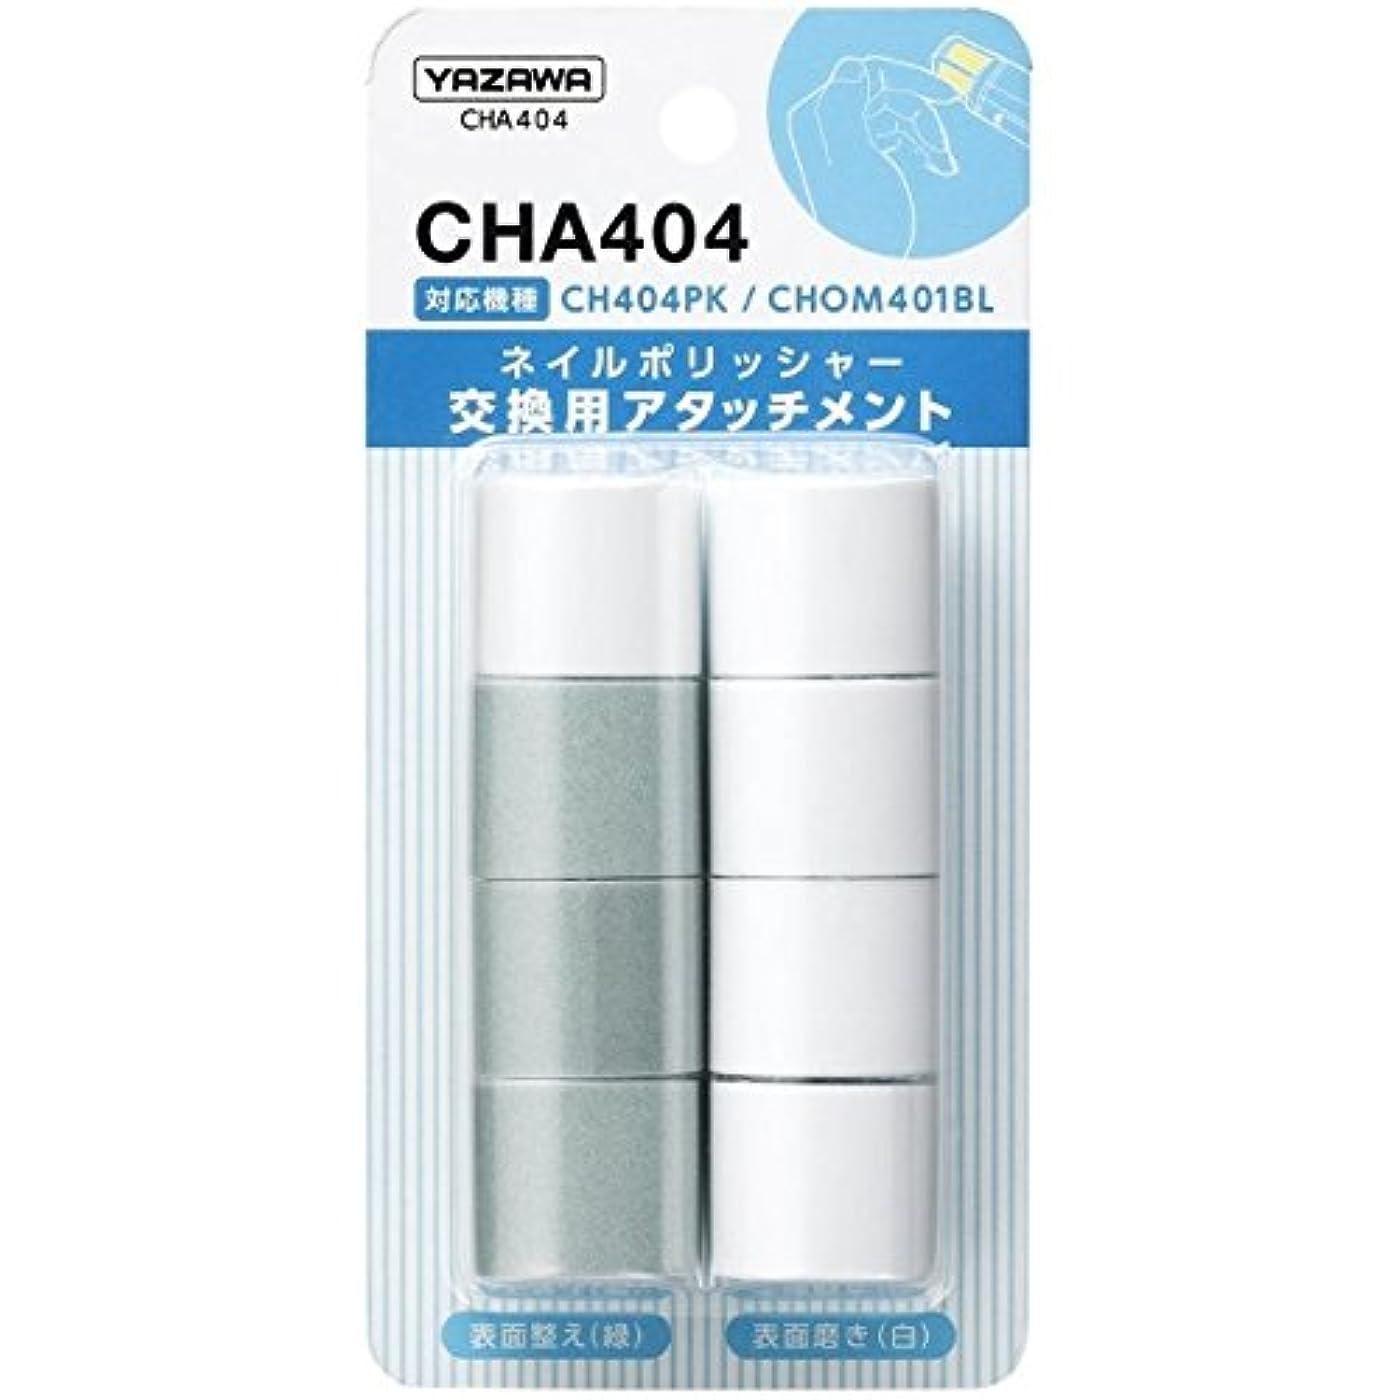 安心させる癌いちゃつくYAZAWA(ヤザワコーポレーション) ネイルポリッシャー交換用アタッチメント CHA404